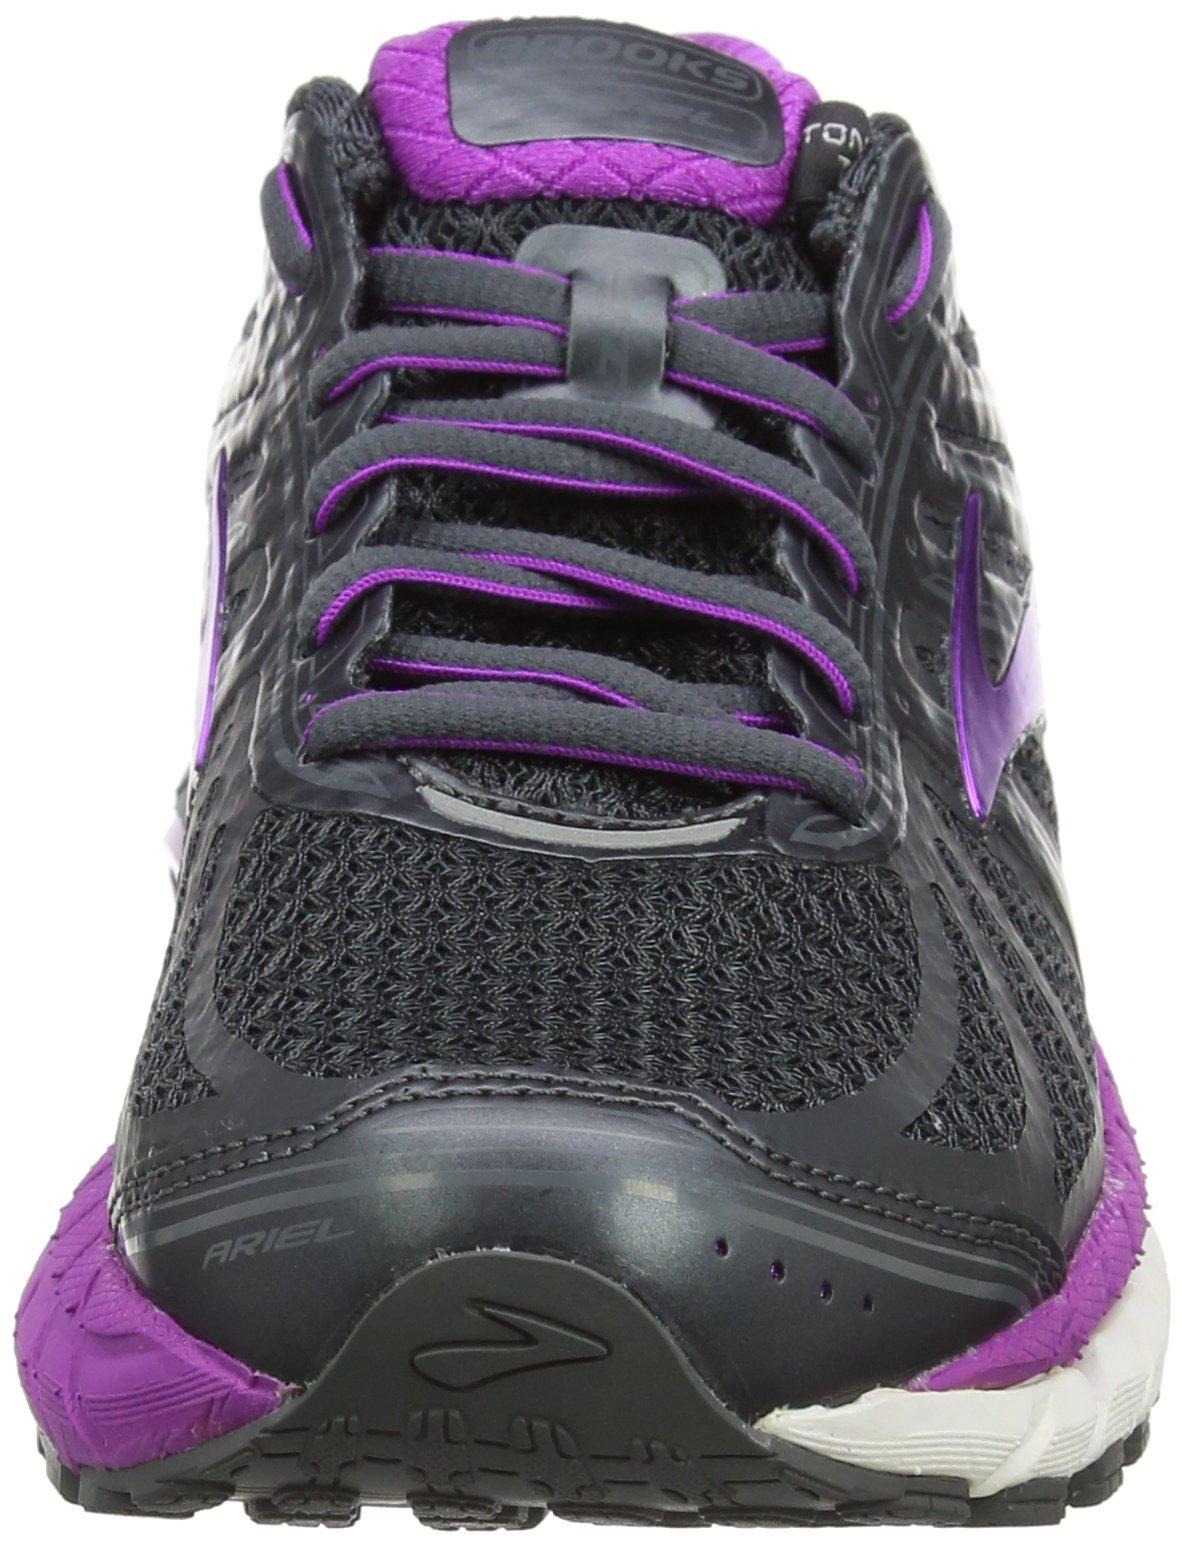 81orp8dcTeL - Brooks Women's Ariel '16 Running Shoes